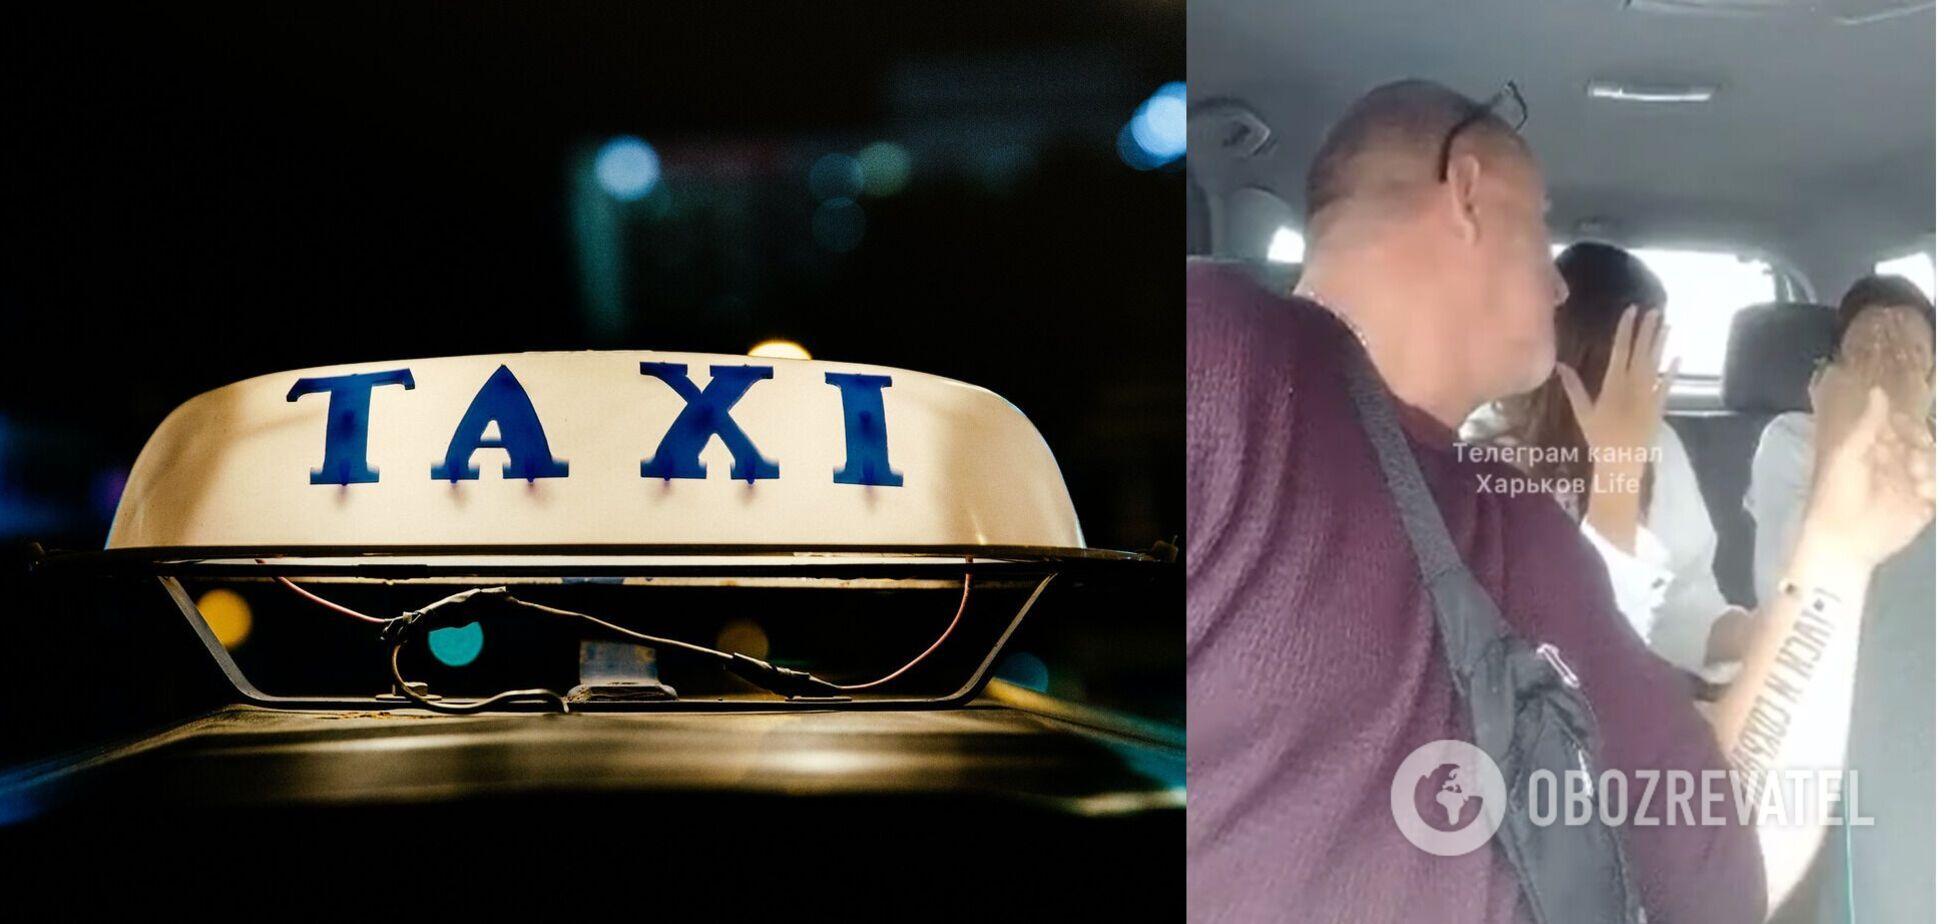 Інцидент у таксі в Харкові